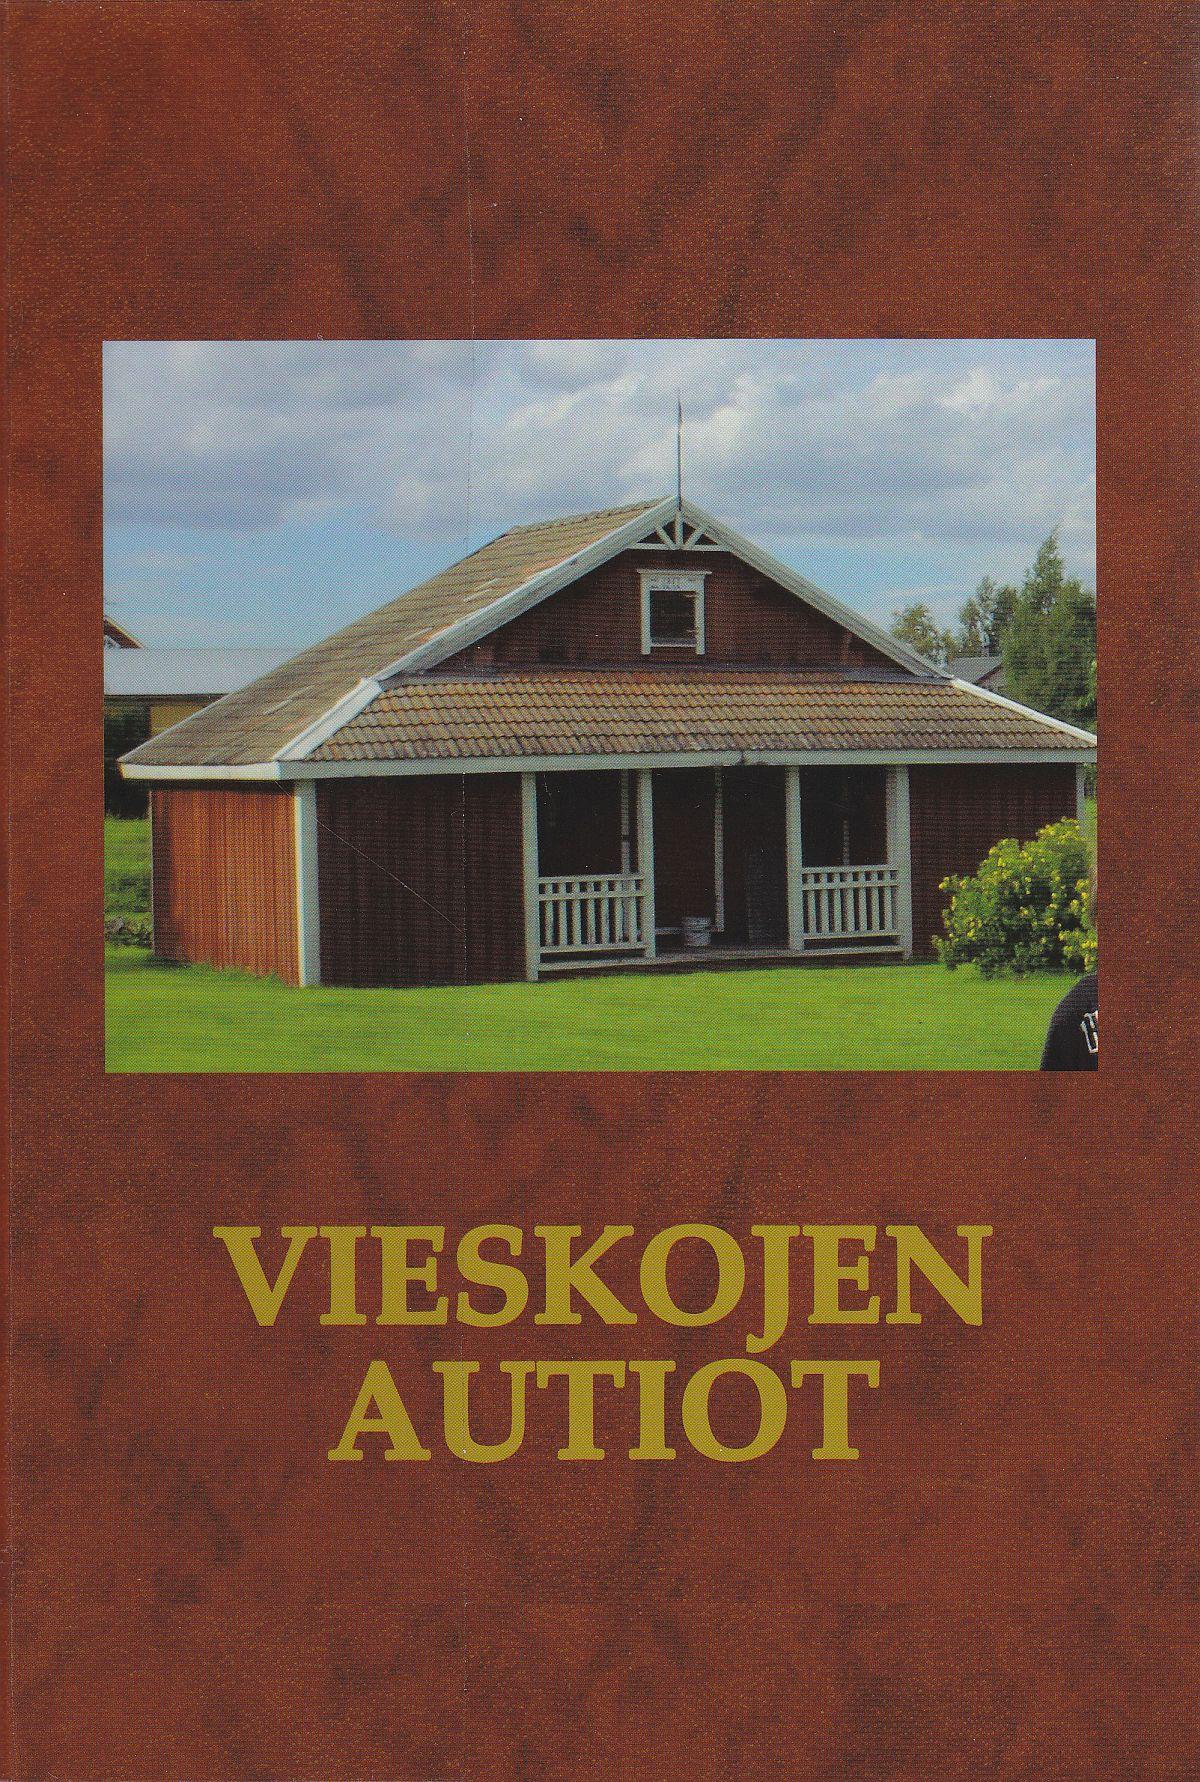 Aila Aution Vieskojen Autiot -sukukirjan kansi